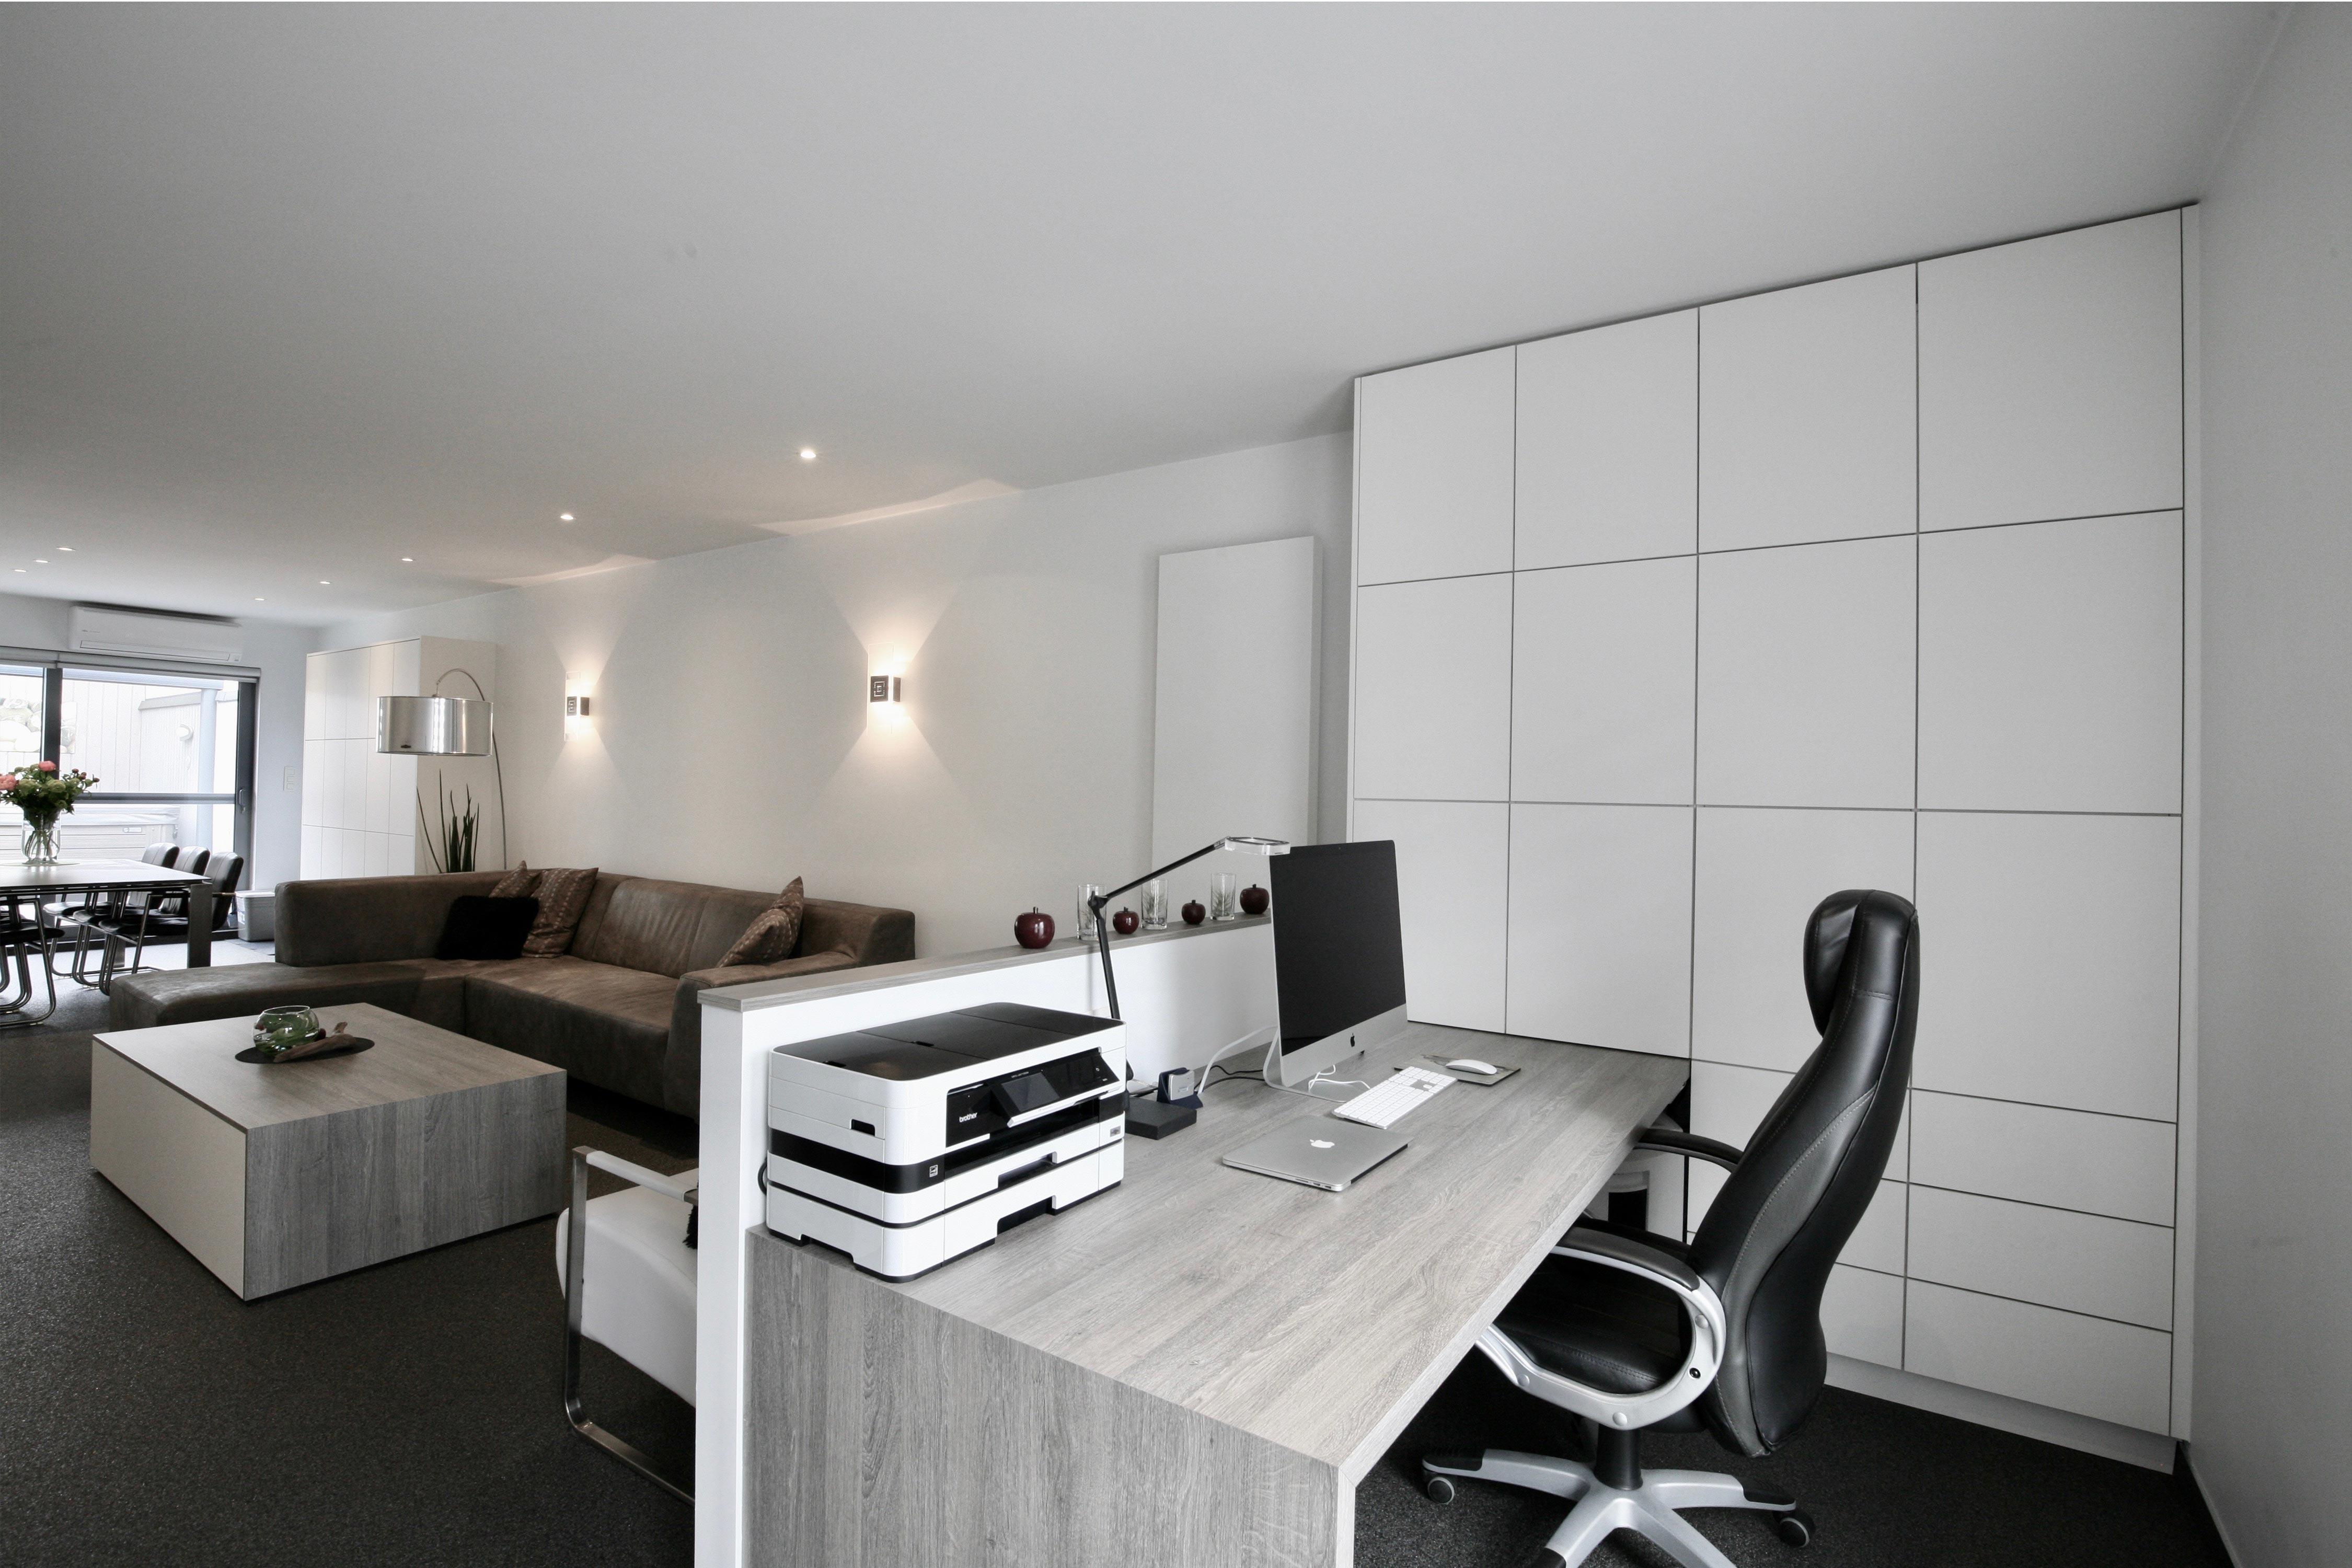 Eetkamer In Woonkamer : Welkom in de eetkamer en woonkamer van villa m master meubel